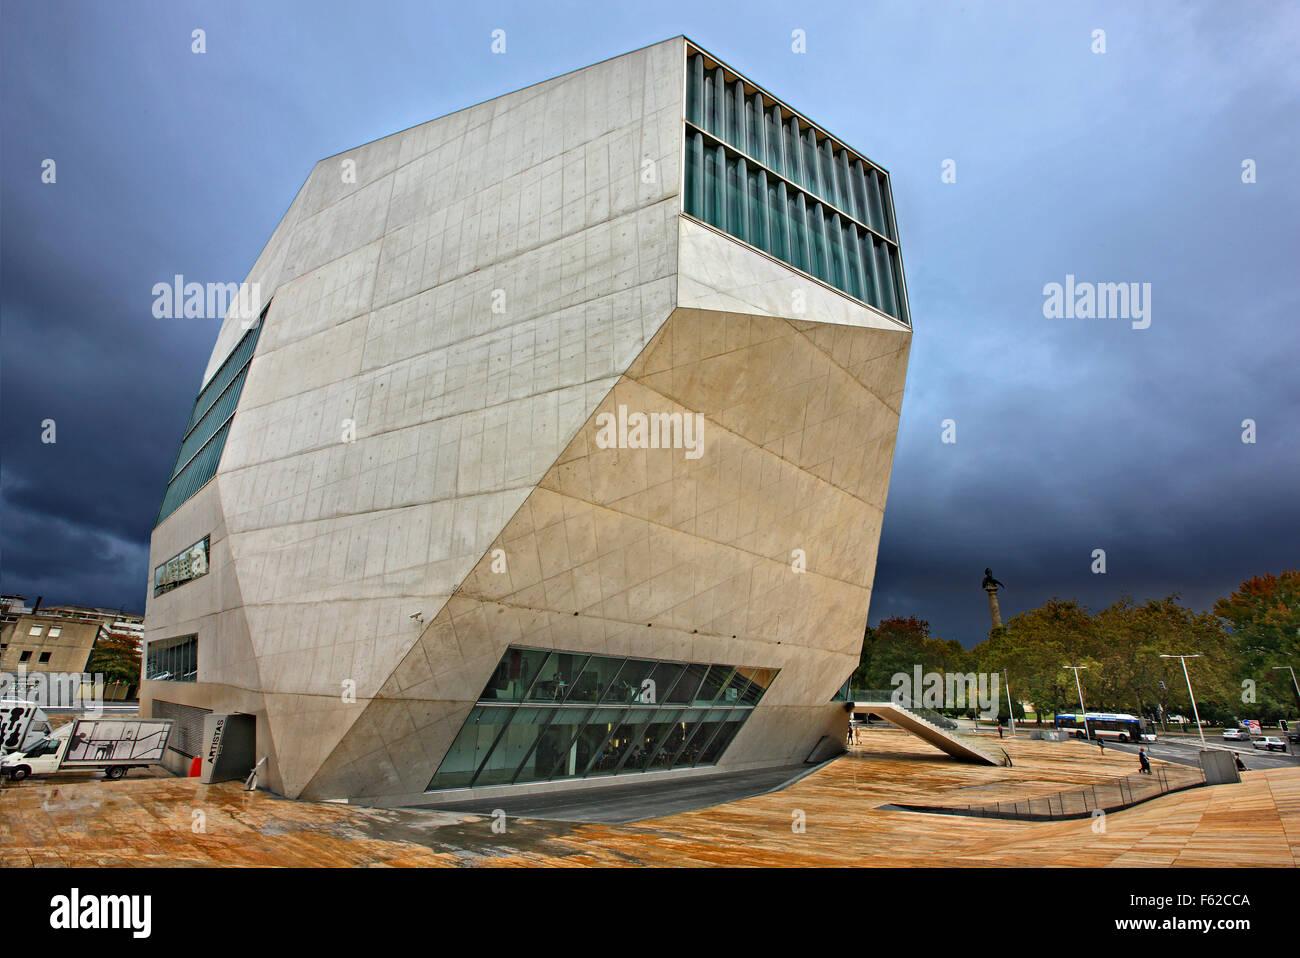 Casa da musica porto portugal architect rem koolhaas for Da architecture